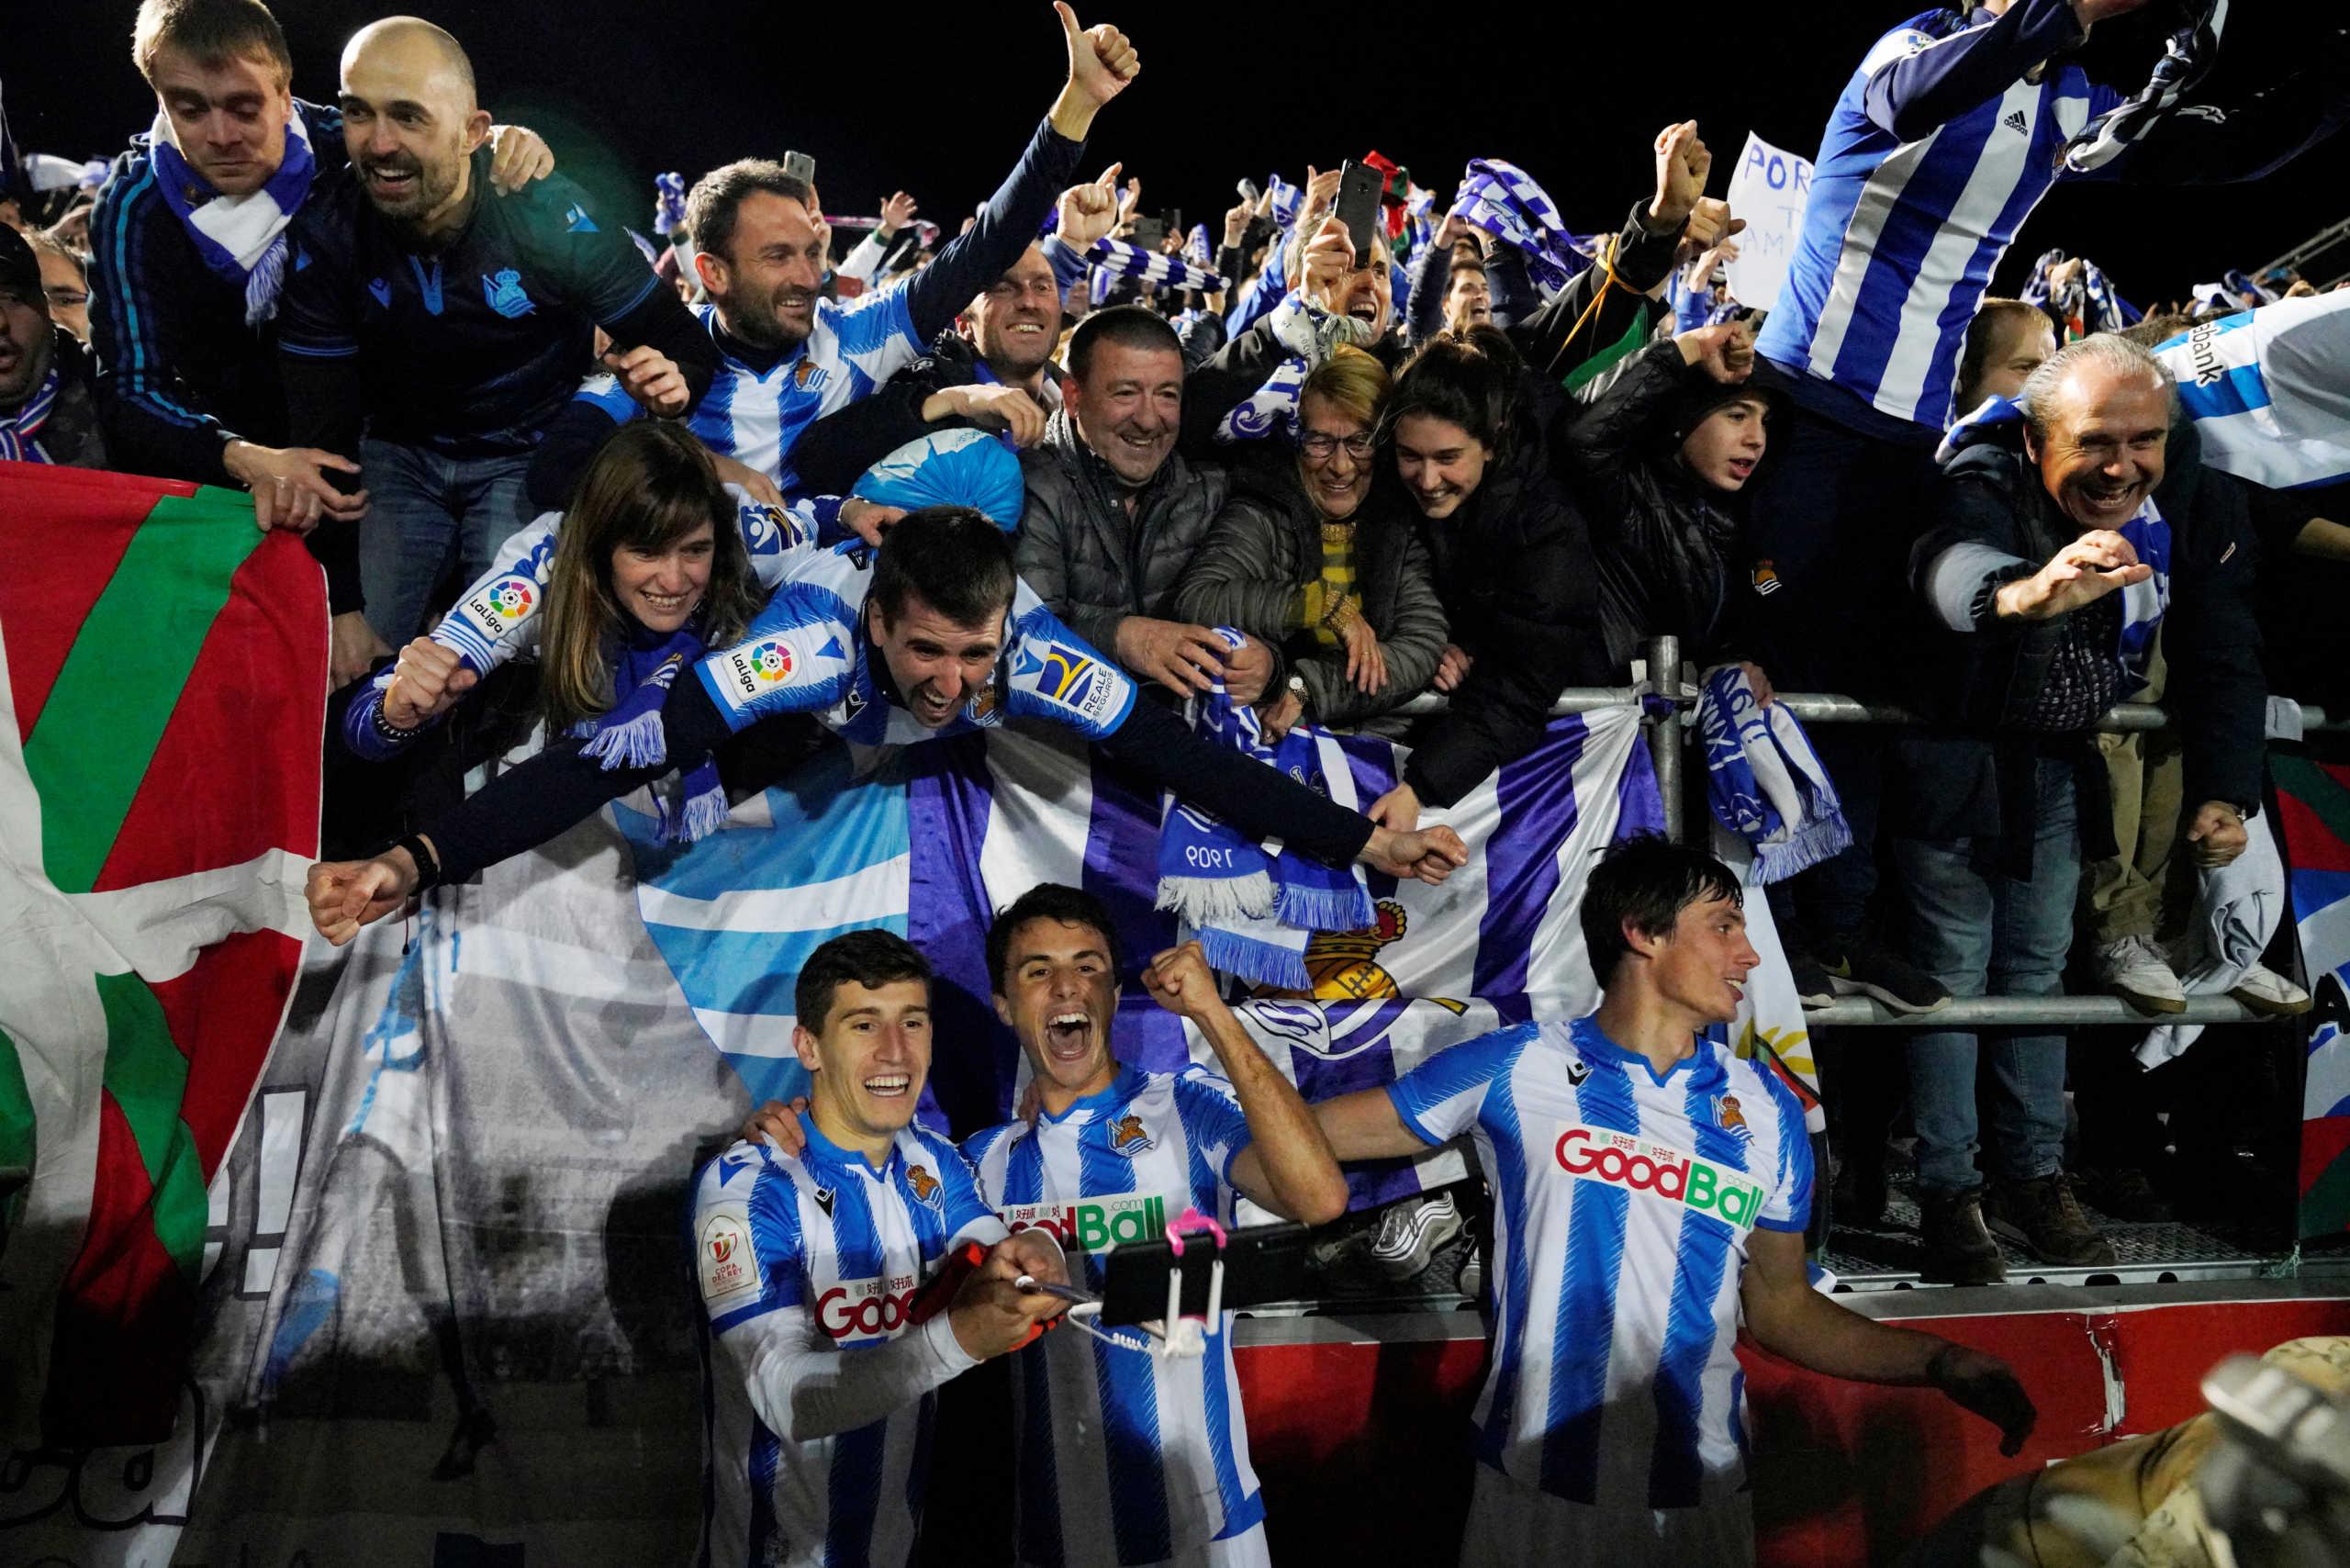 Κύπελλο Ισπανίας: Στον τελικό η Ρεάλ Σοσιεδάδ! video